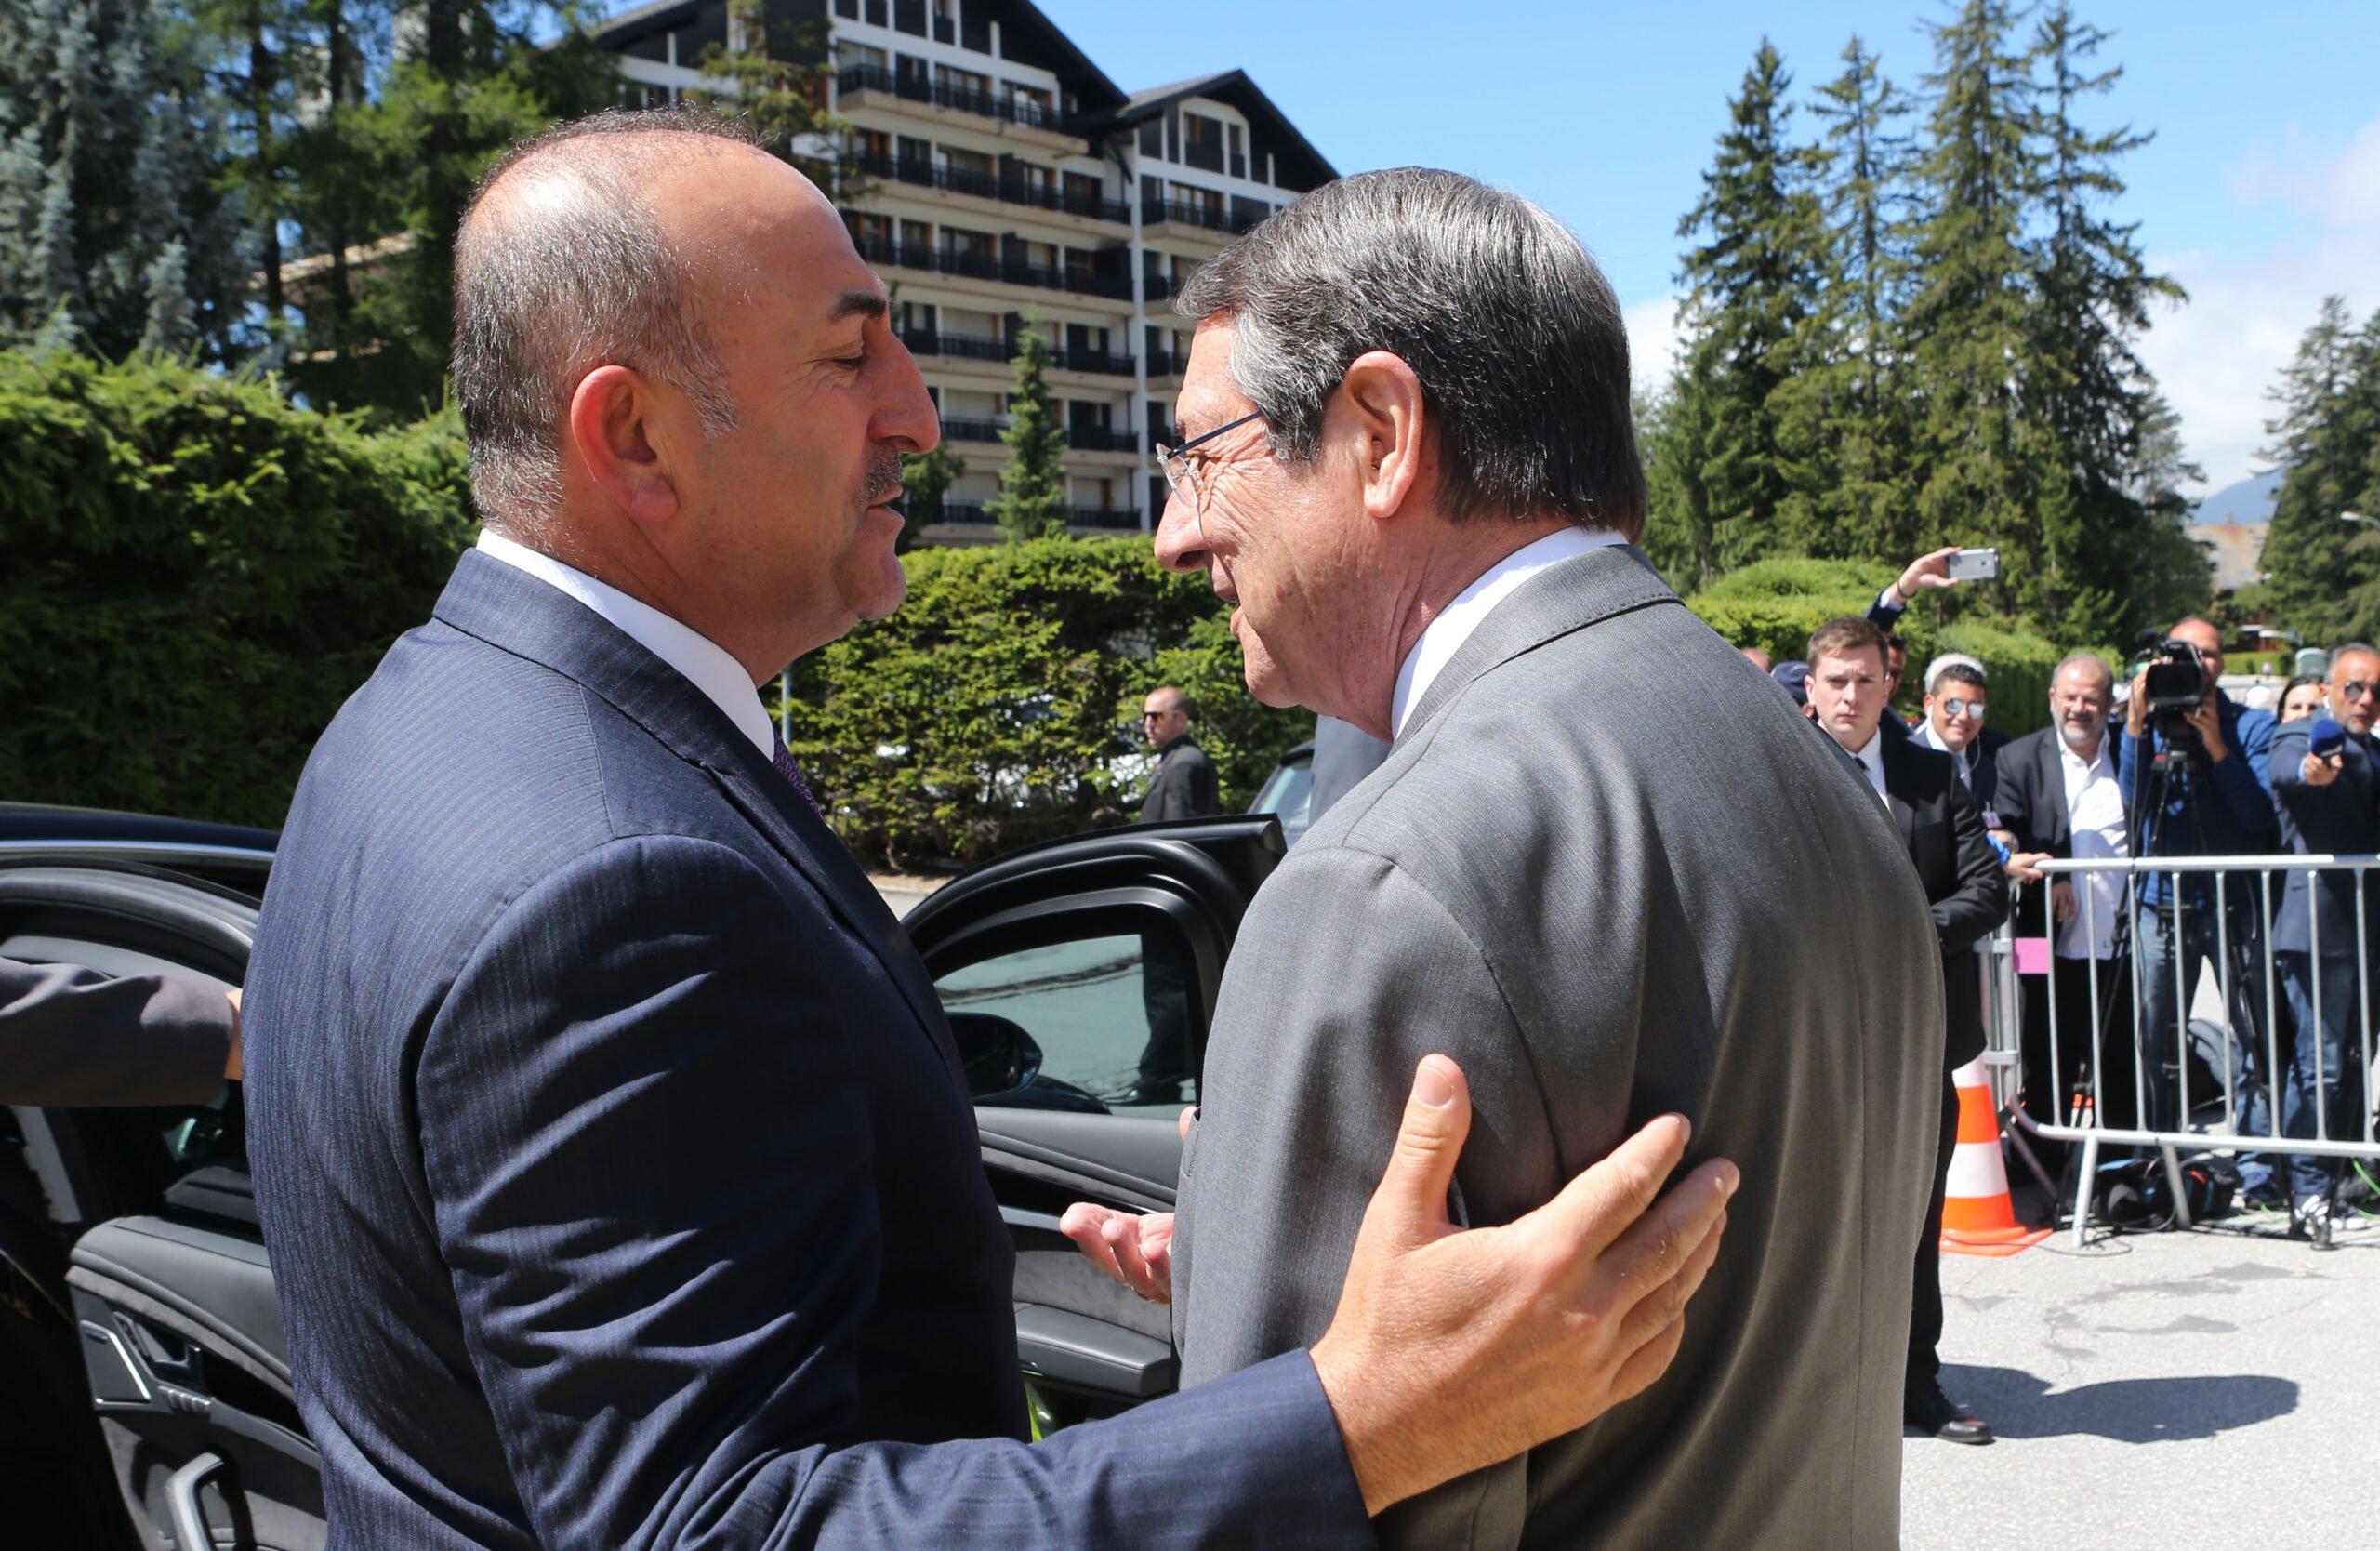 Ο ρόλος της ΕΕ στις συνομιλίες της Γενεύης παραμένει ισορροπημένος